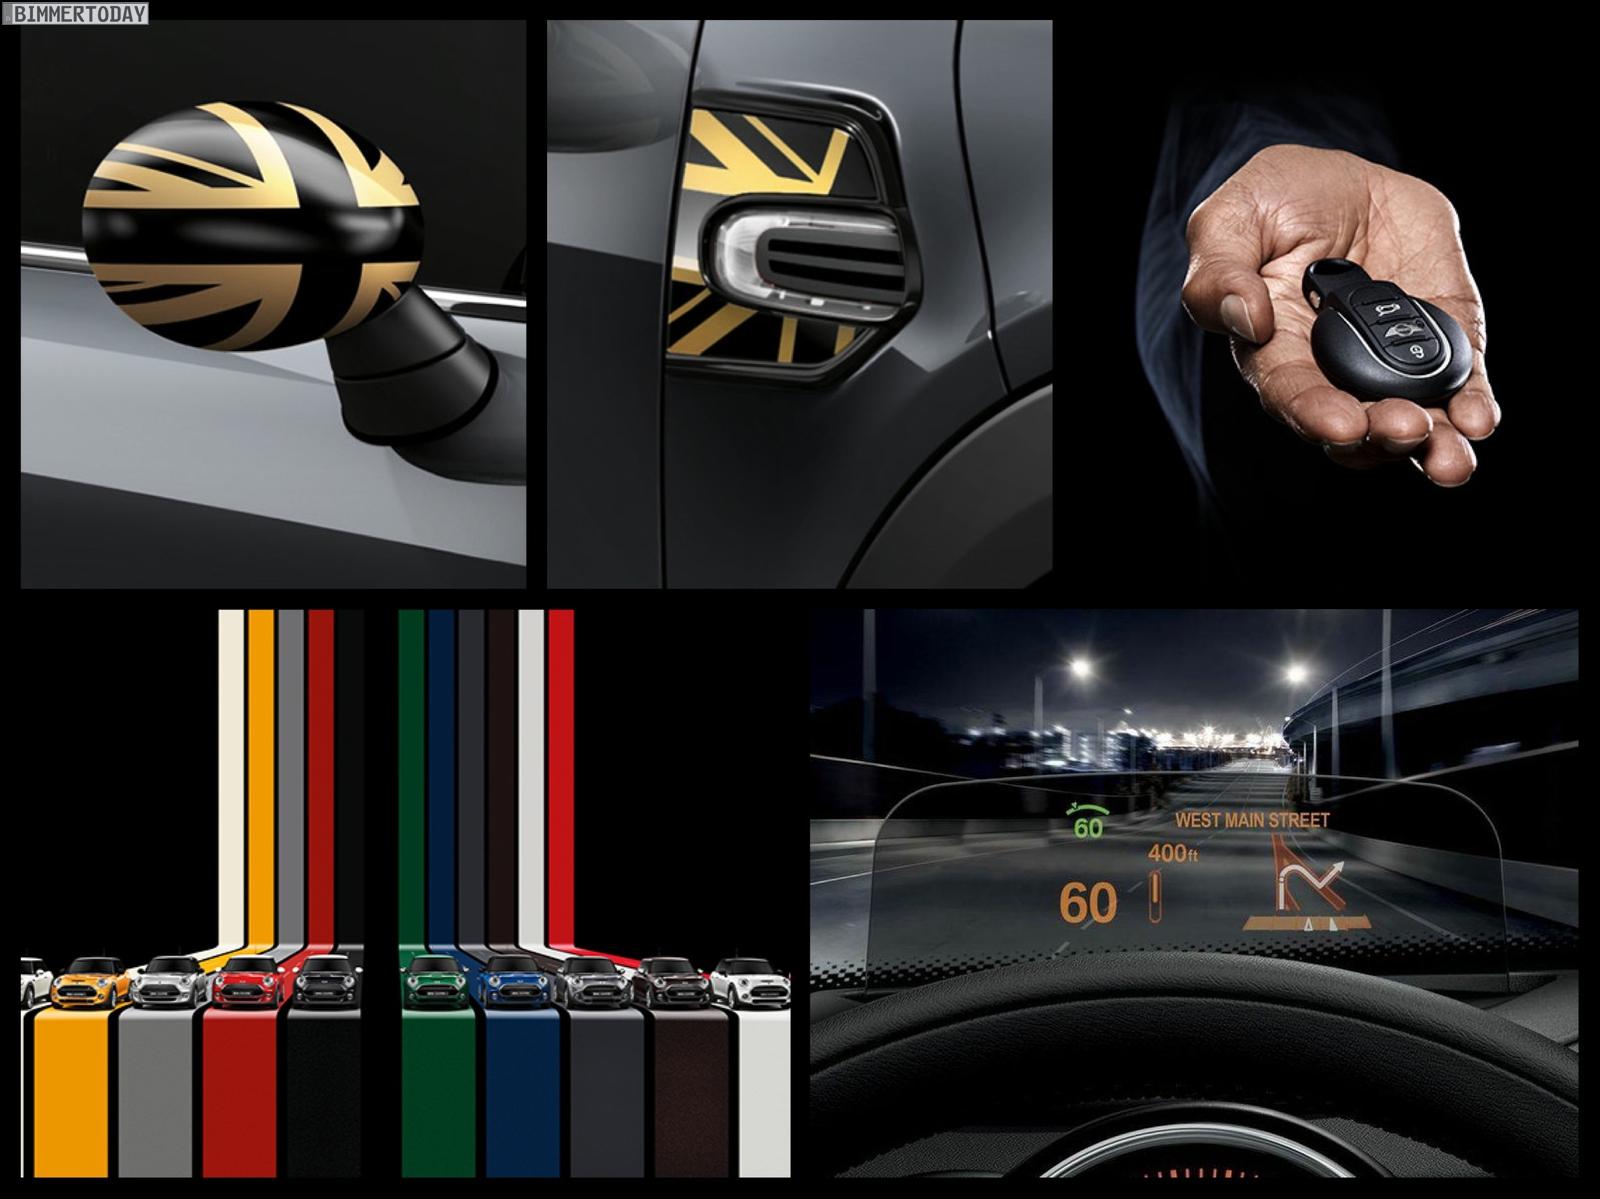 mini f56 neue detail fotos zeigen zubeh r schl ssel und. Black Bedroom Furniture Sets. Home Design Ideas